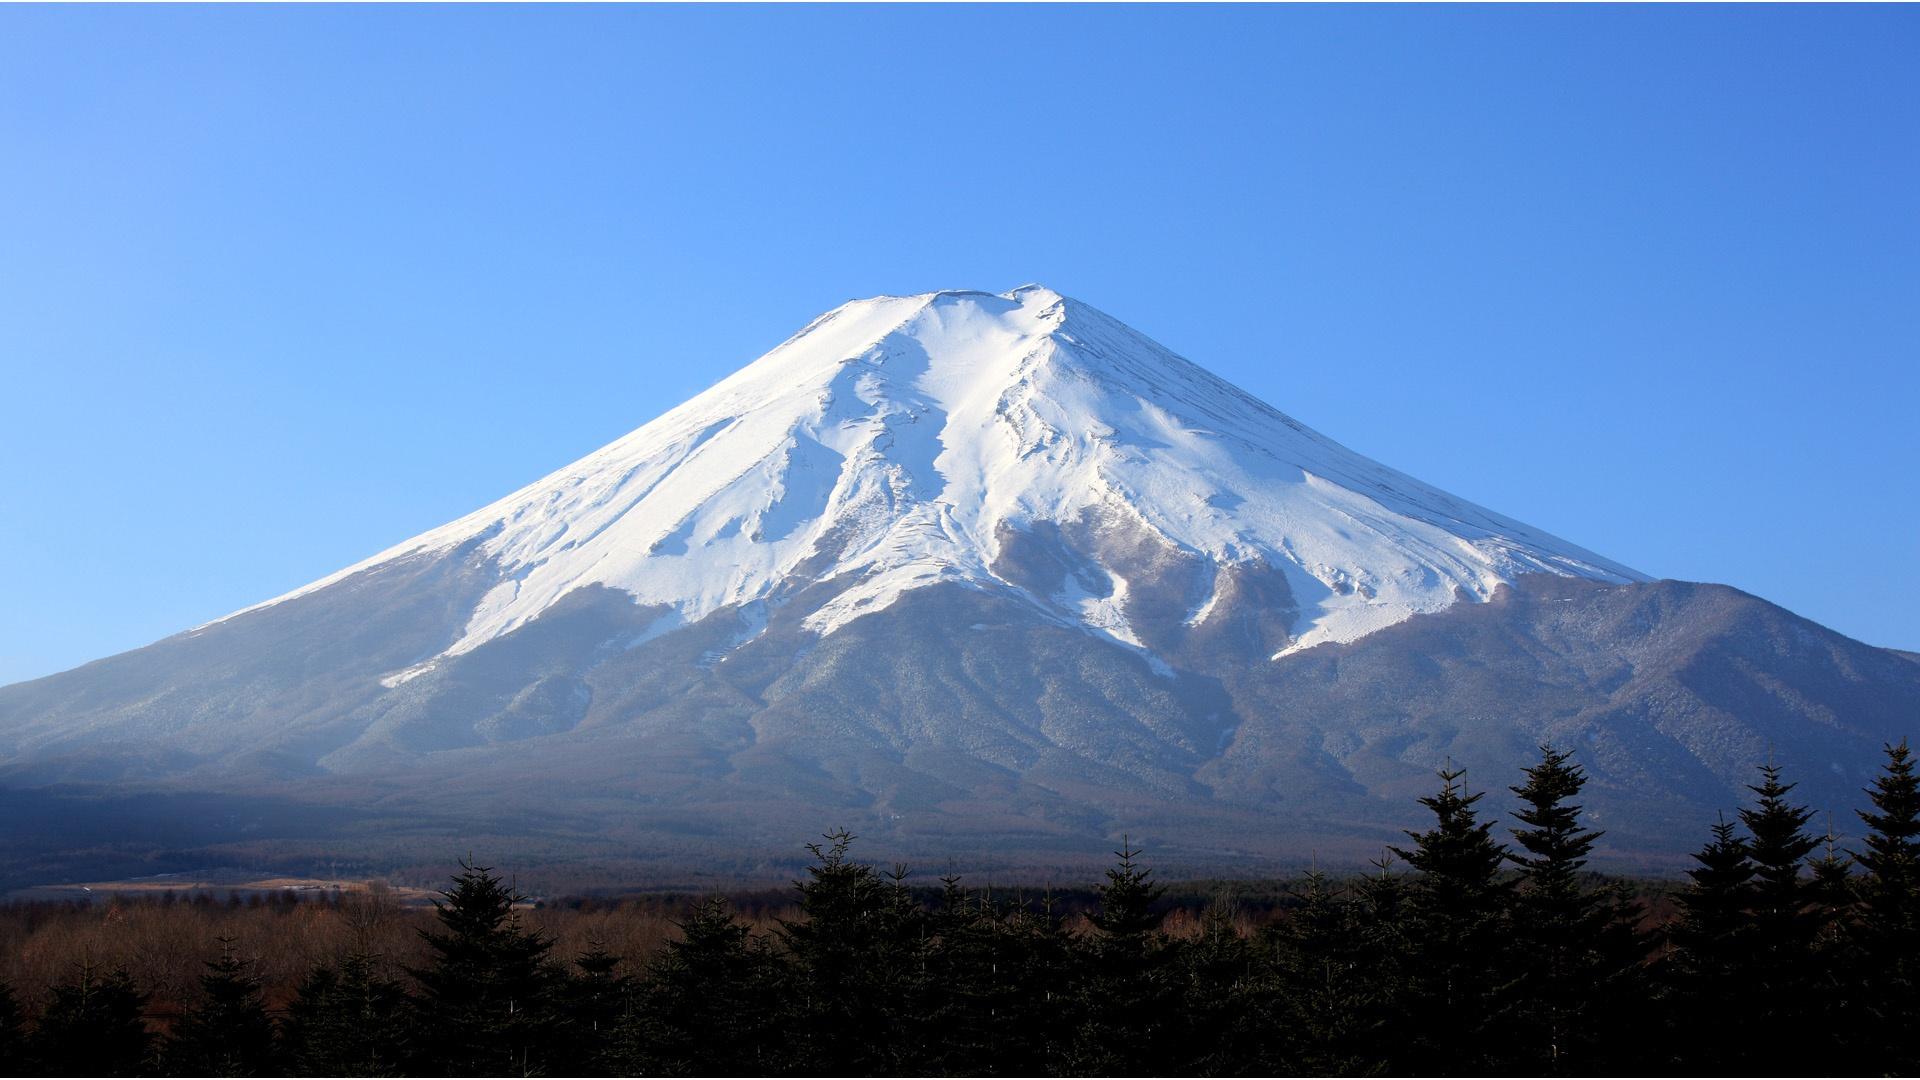 Mt Fuji 1920x1080 wallpaper download page 478572 1920x1080